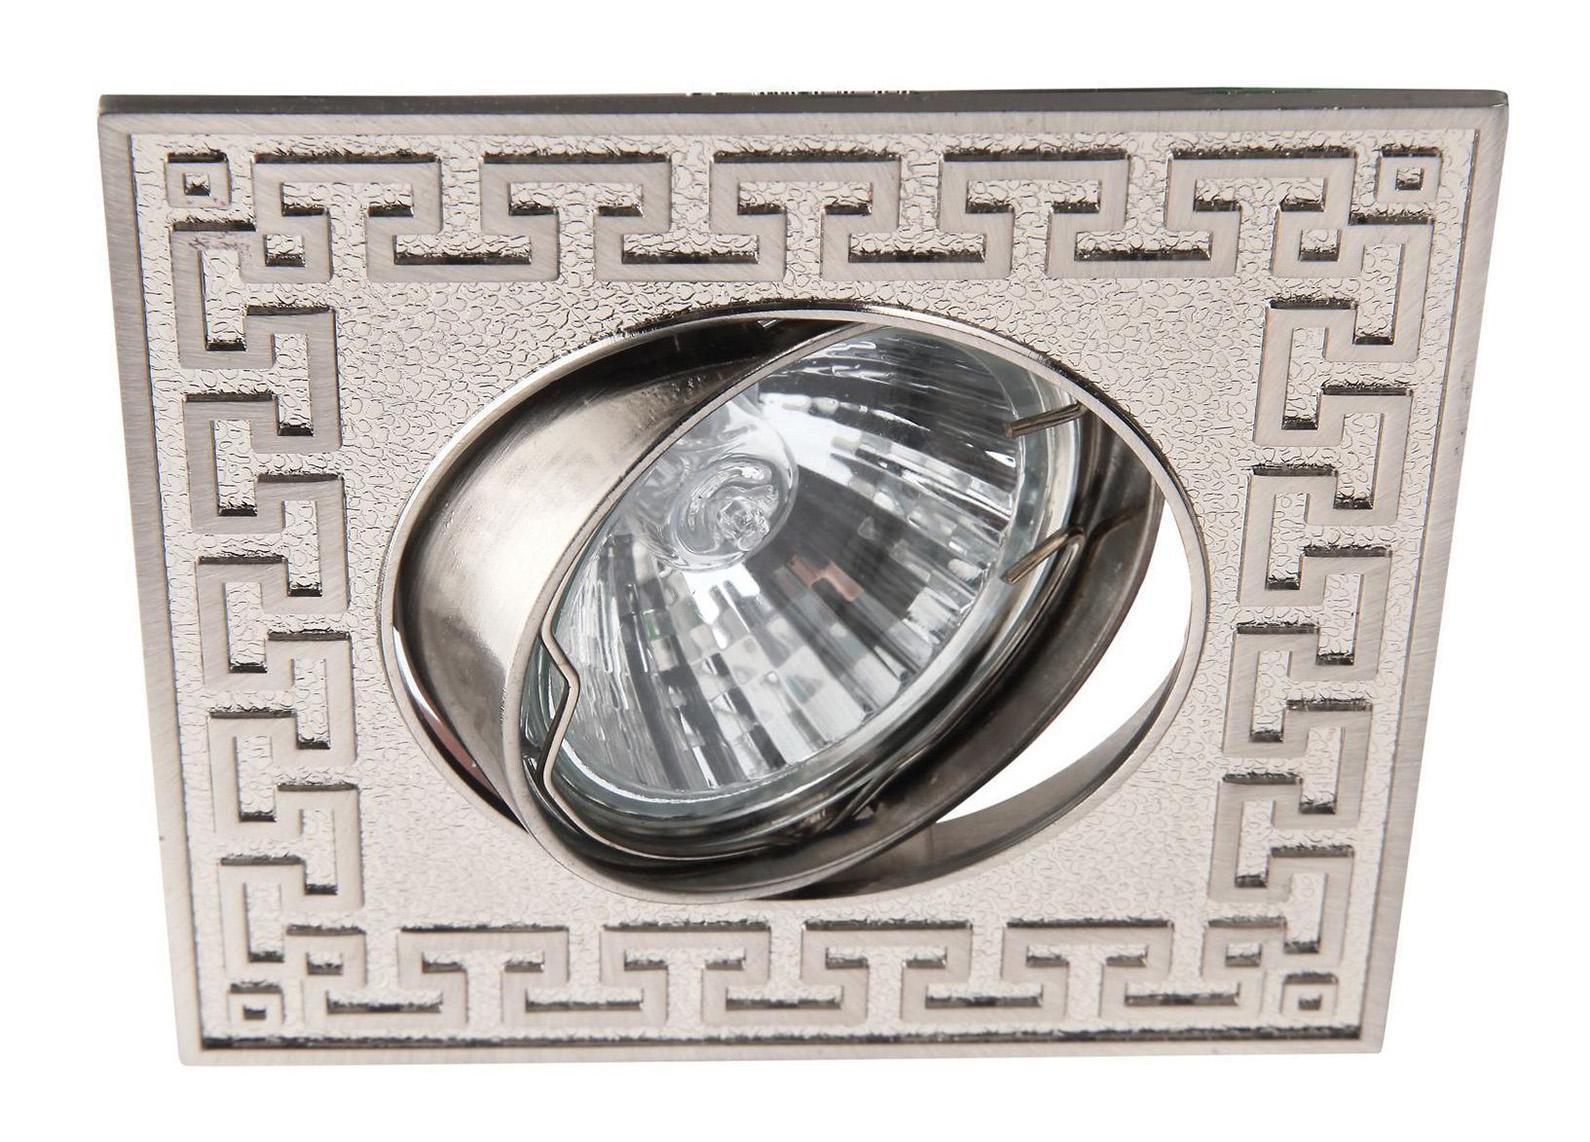 Светильник встраиваемый Arte lamp A2107pl-3ss castor 2107 1